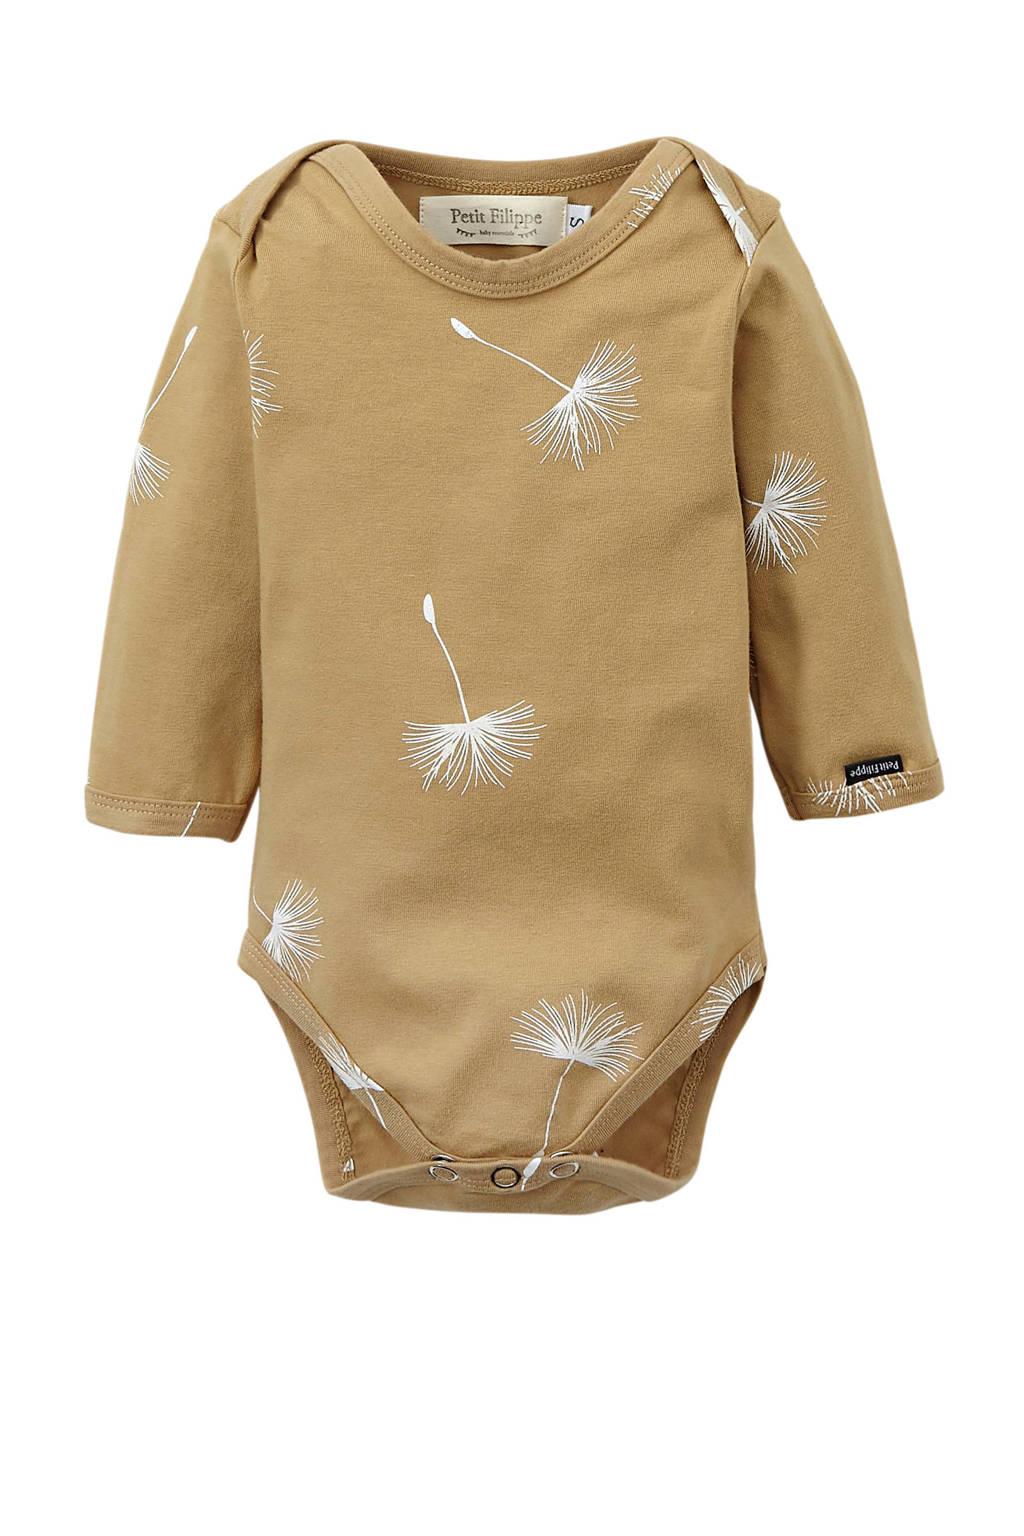 Petit Filippe baby romper lange mouw Dandelion beige/wit, beige/off white